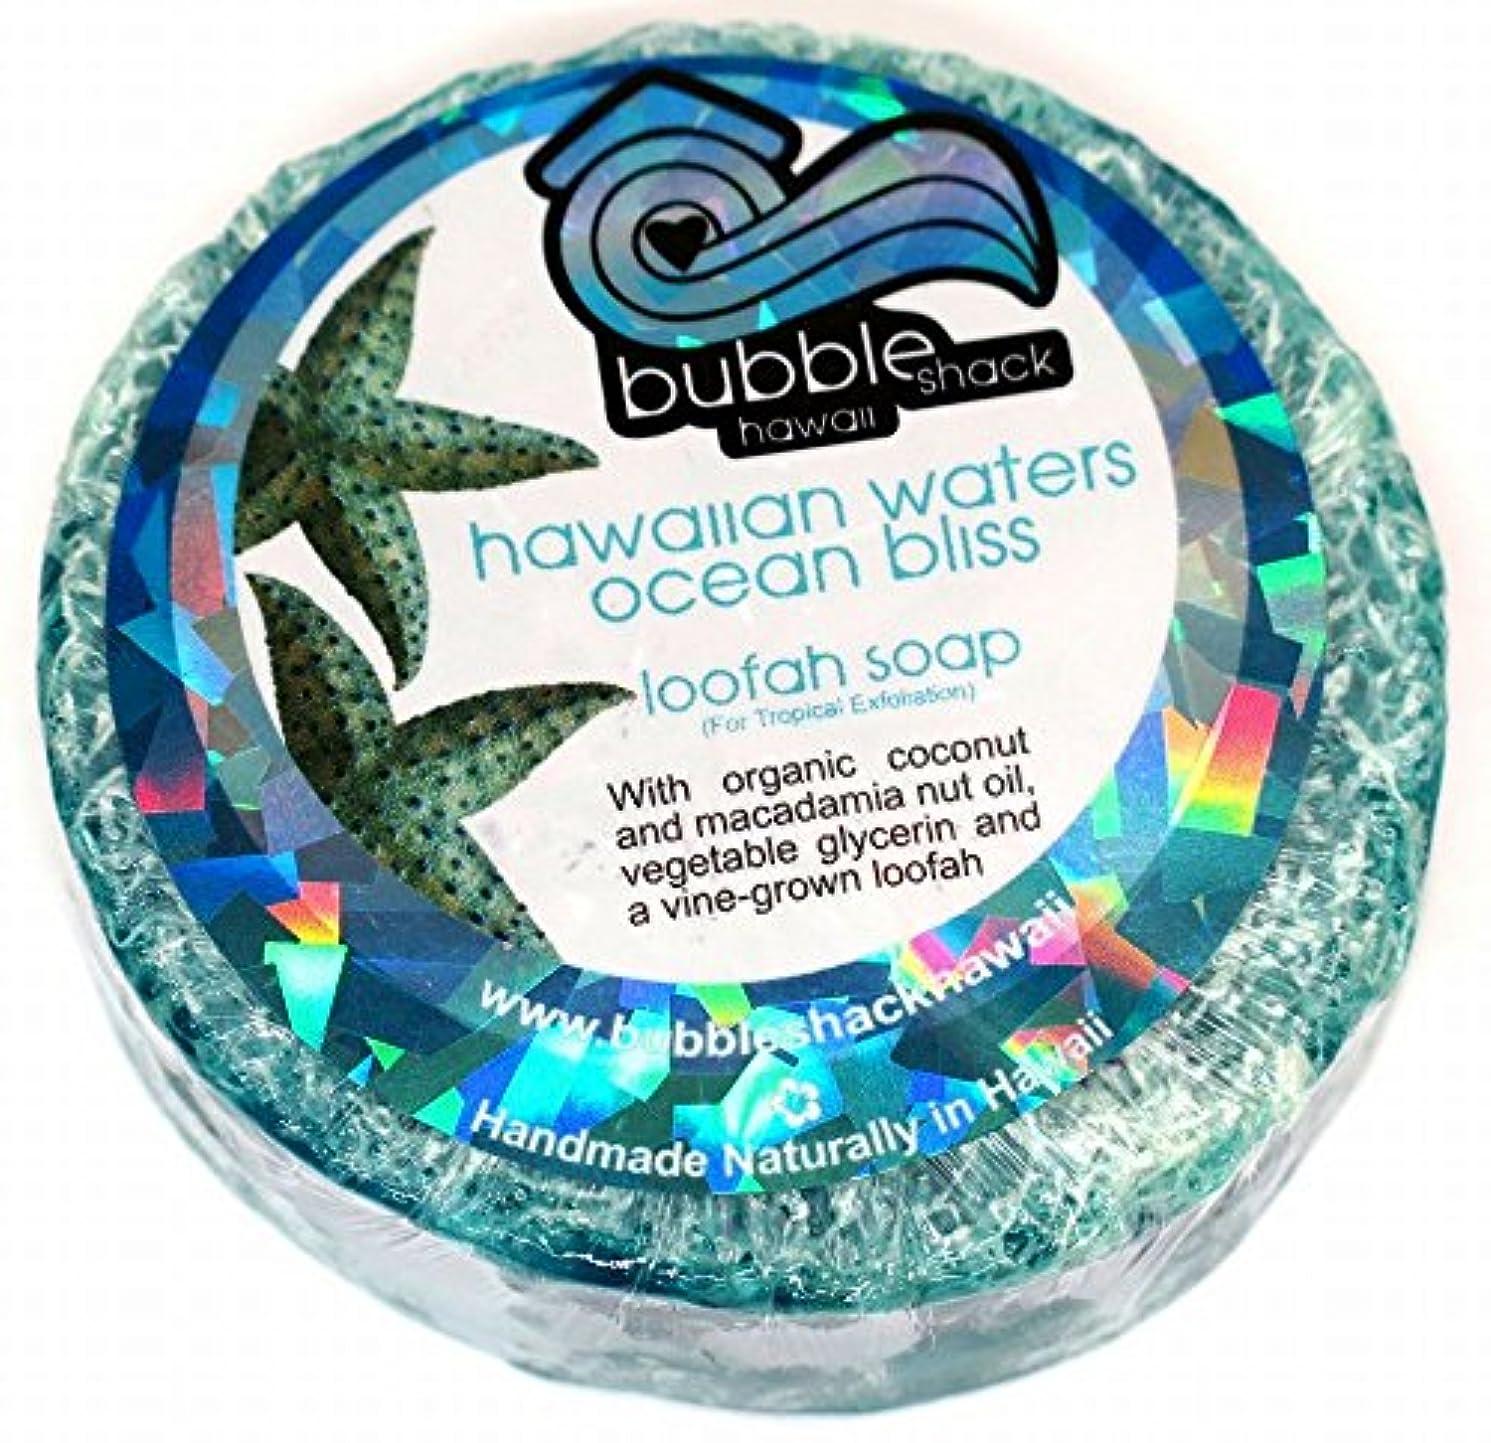 土ピクニックをするに付けるハワイアン雑貨/ハワイ 雑貨【バブルシャック】Bubble Shack Hawaii ルーファーソープ(ウォーターオーシャンブリス) 【お土産】